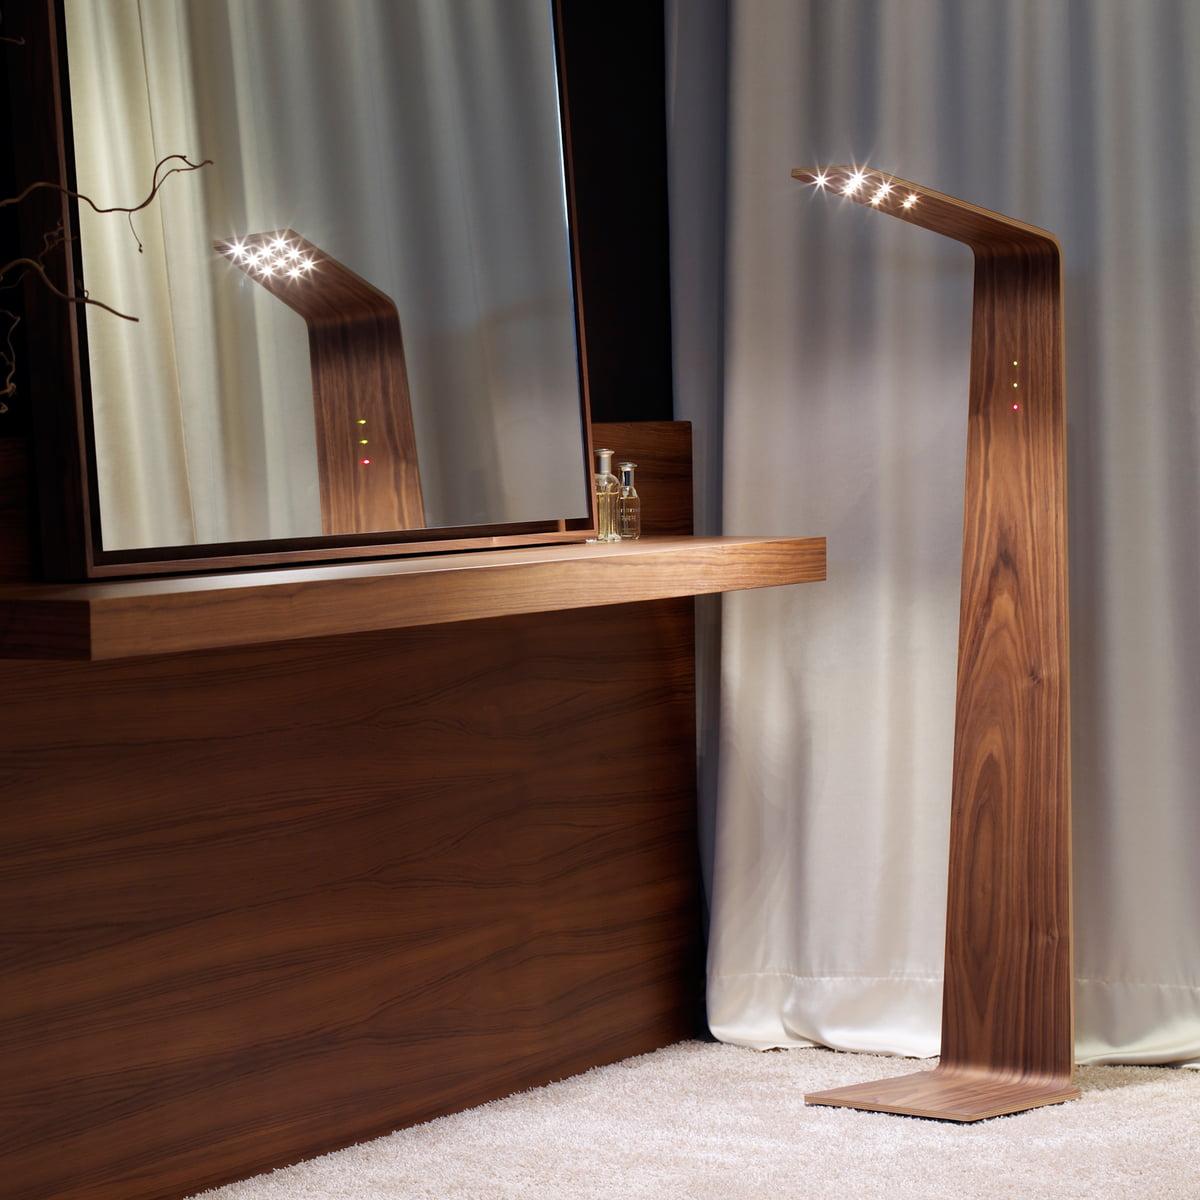 Liebenswert Holz Stehleuchte Referenz Von Led 2 Von Tunto Optimal Für Tische